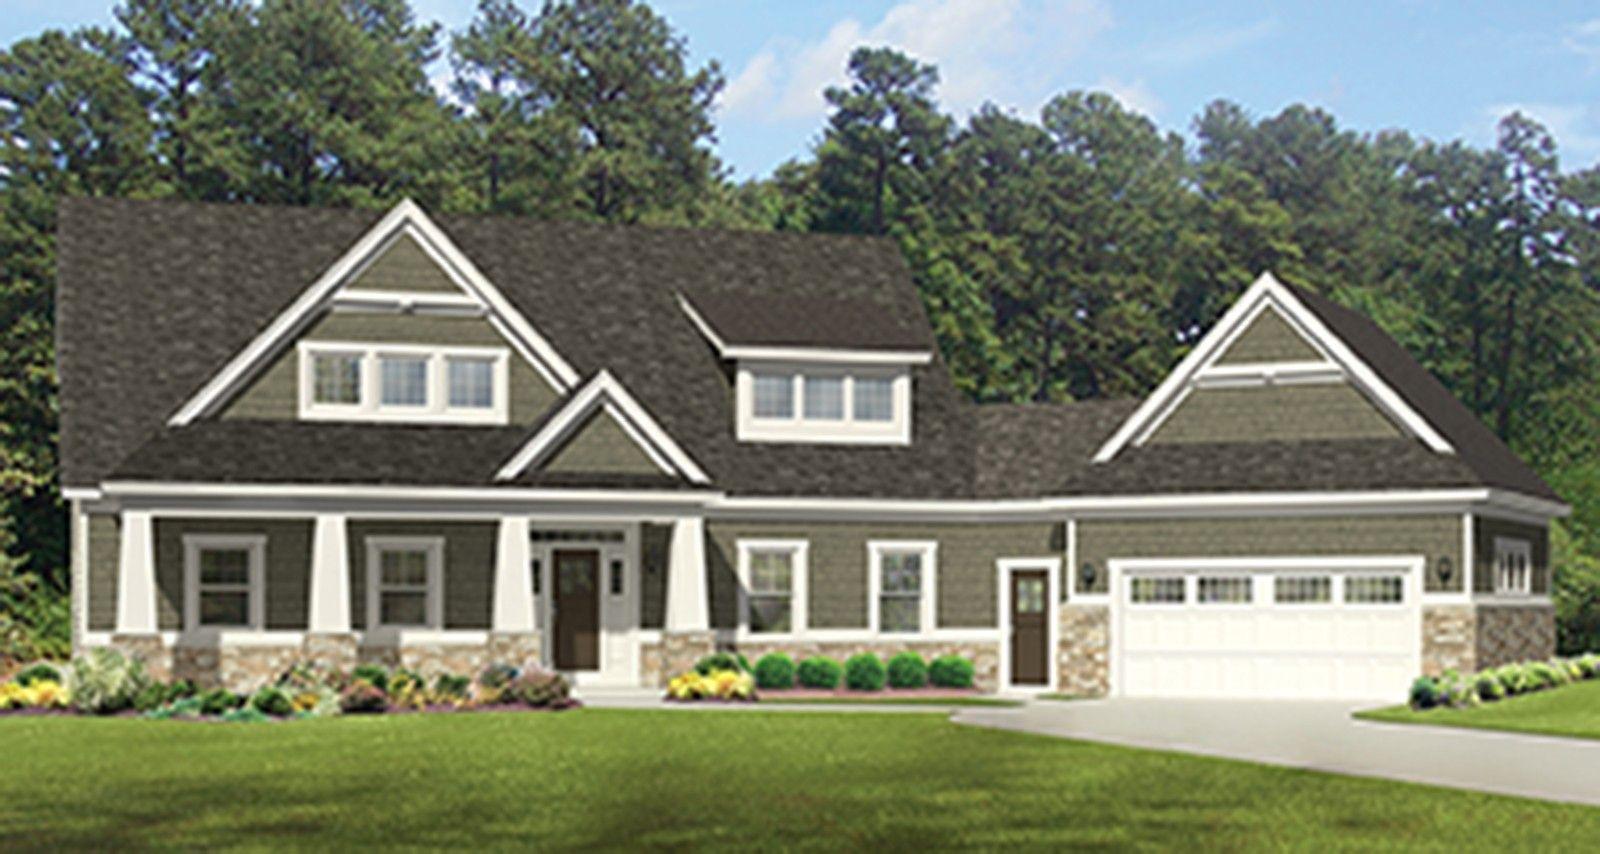 eplans craftsman house plan roomy craftsman with angled garage house eplans craftsman house plan